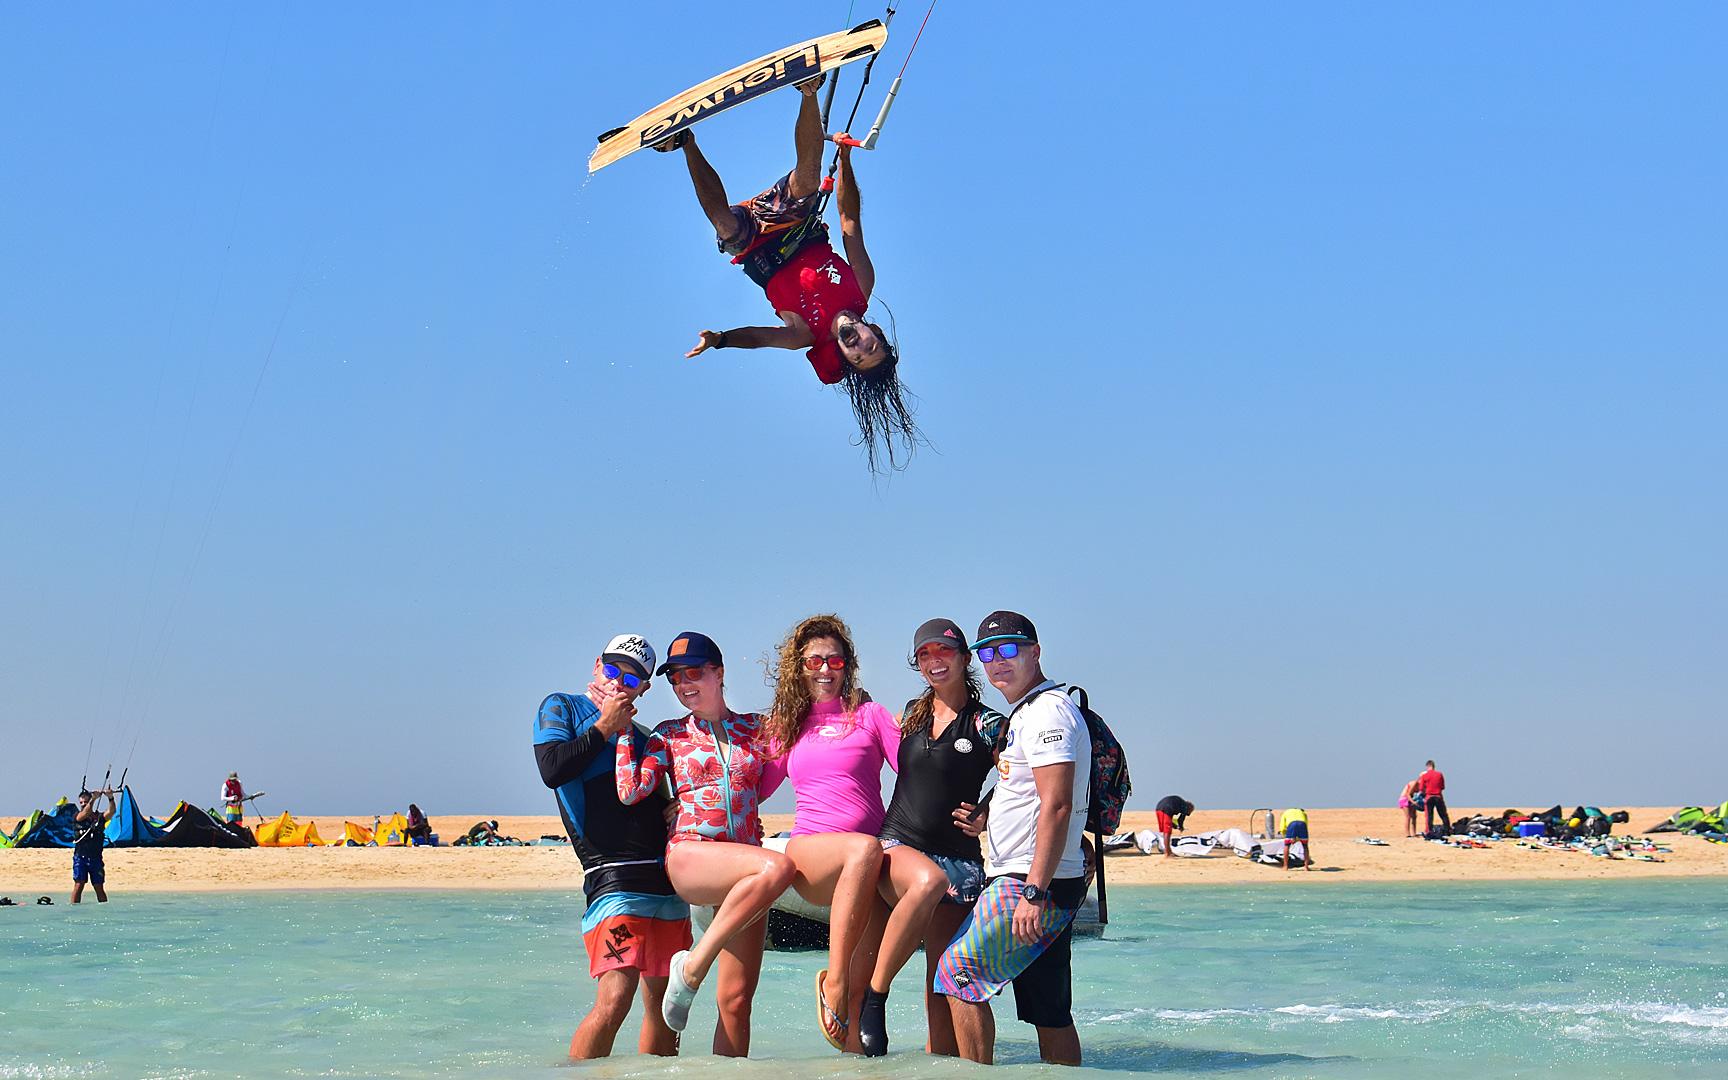 szkolenie kitesurfing kurs progress camp